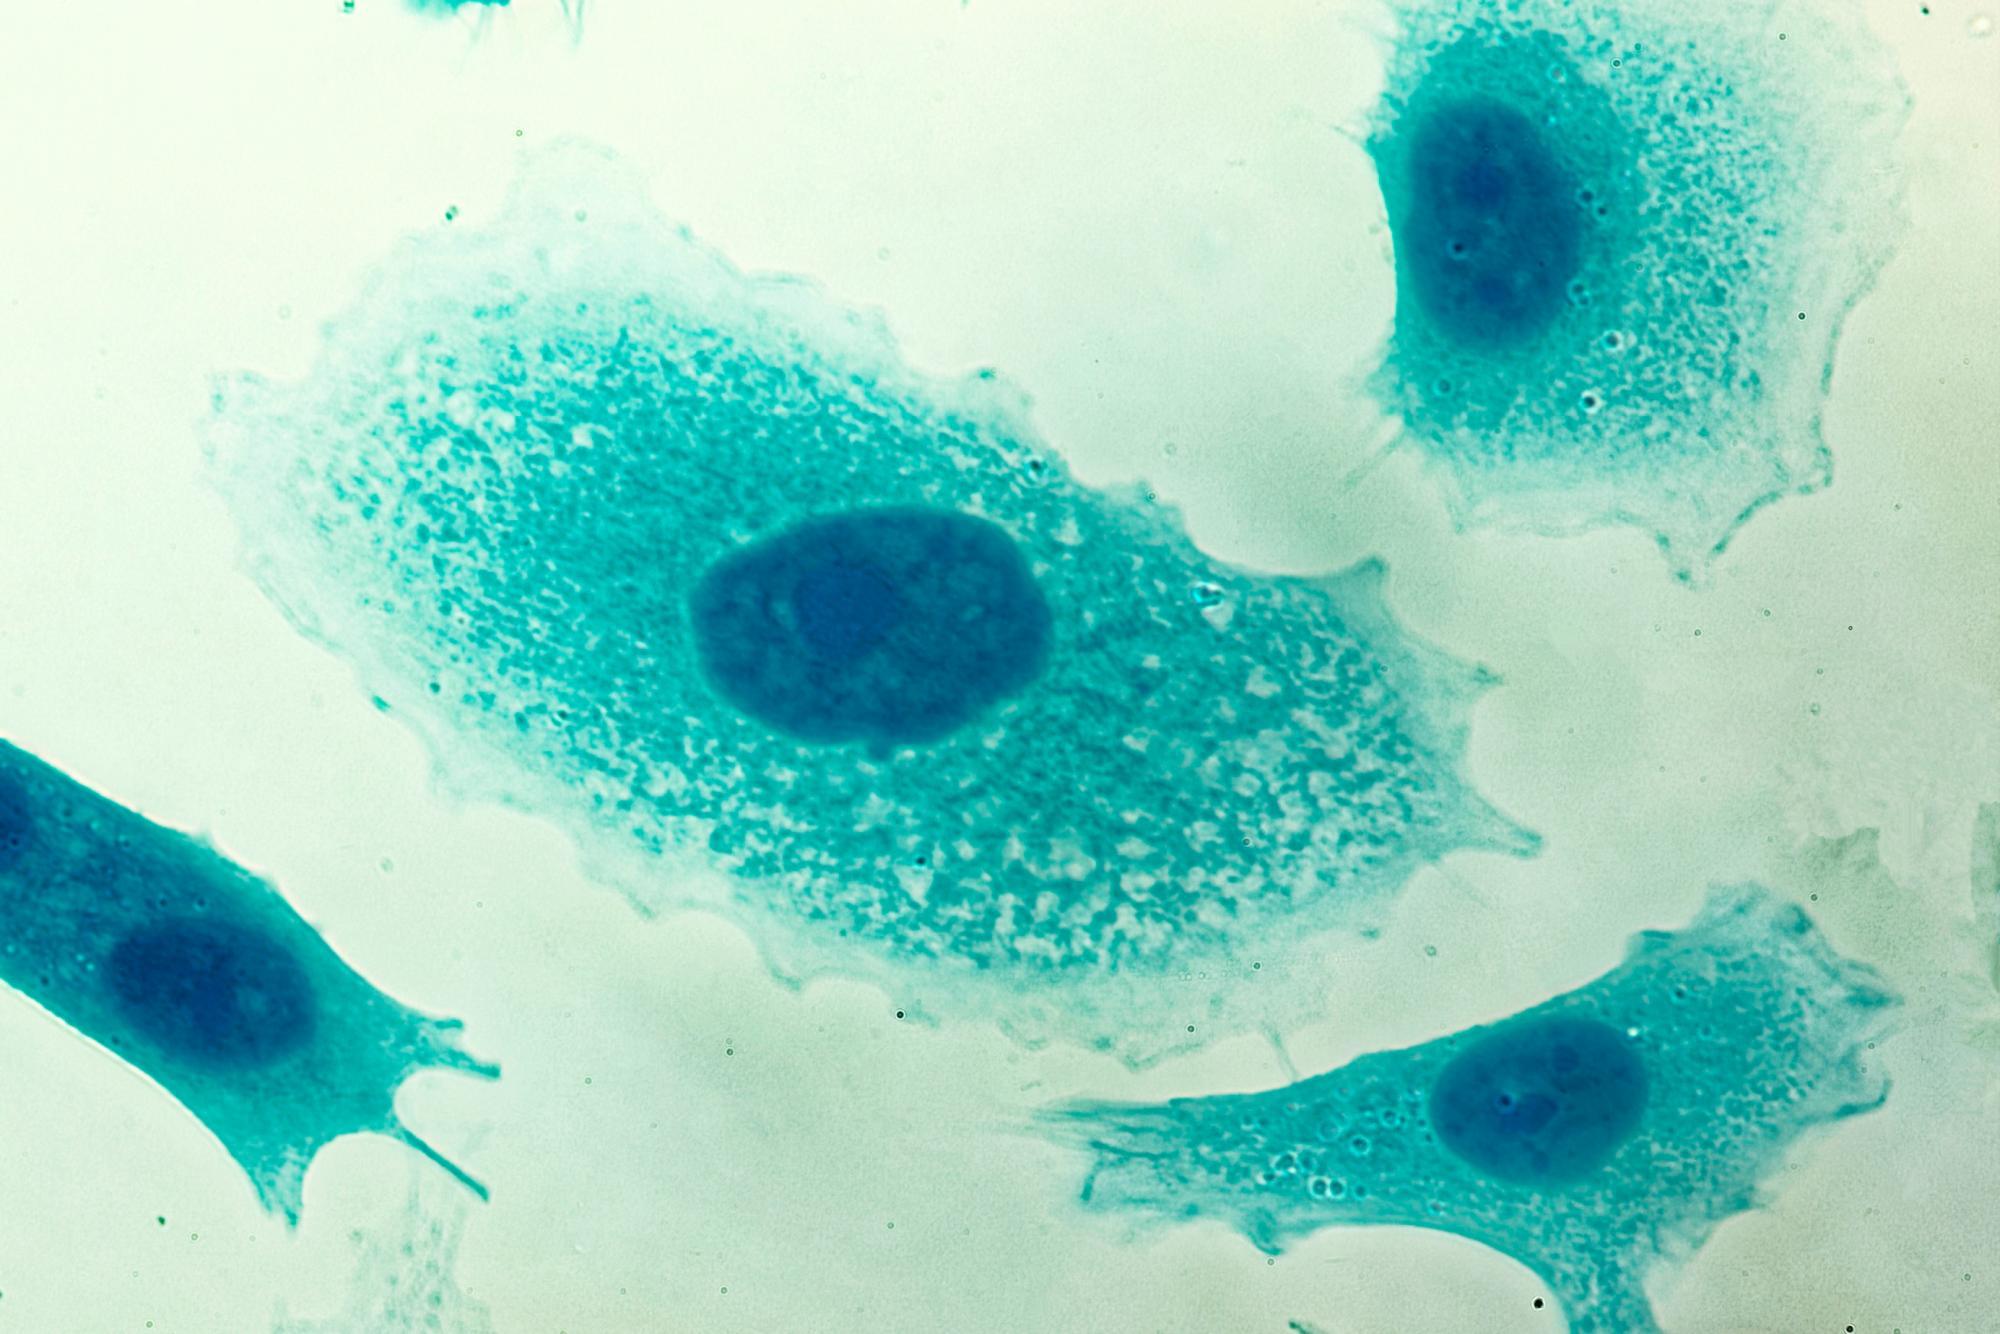 cáncer de próstata y dosis de radiación